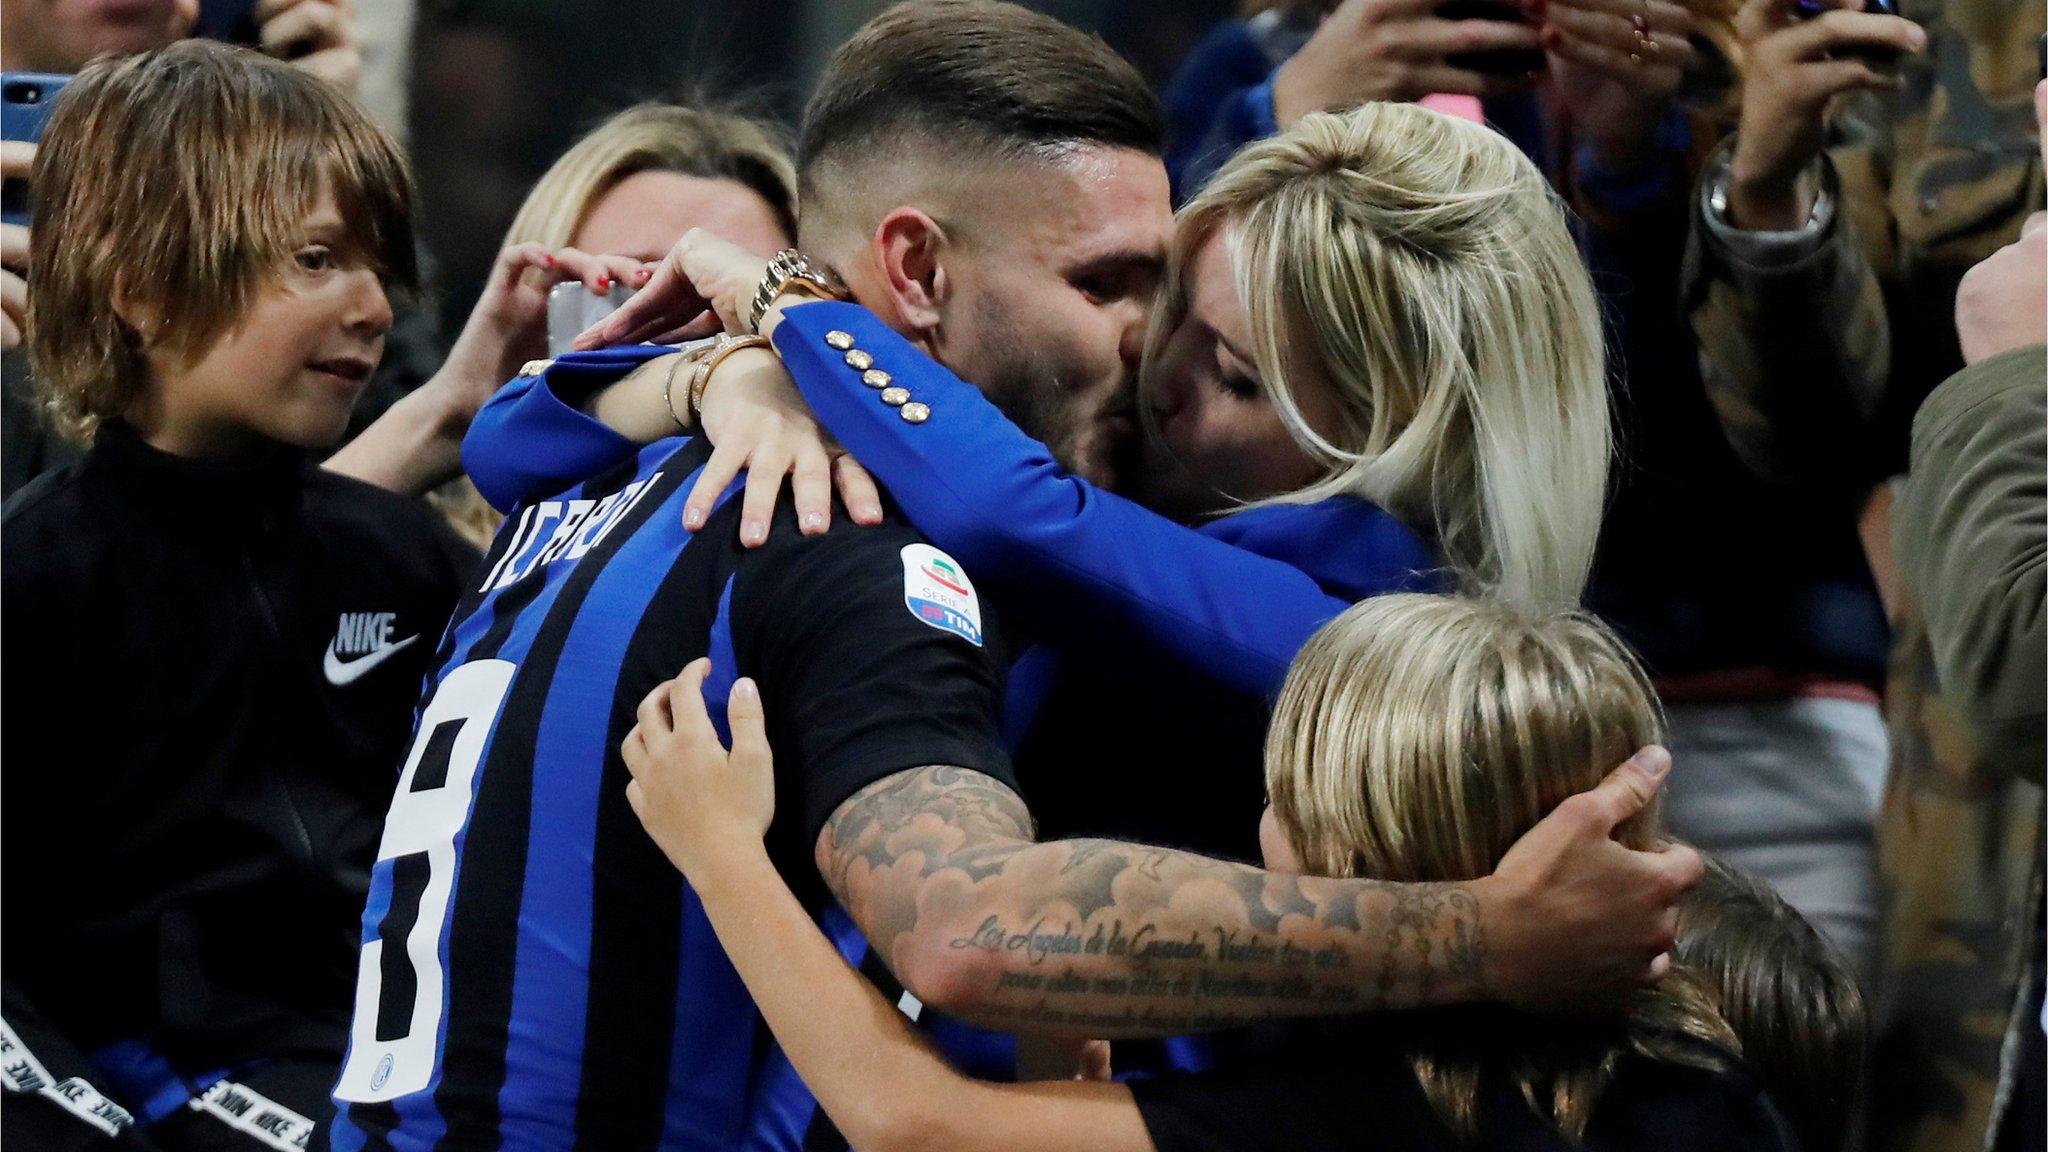 Inter Milan 1-0 AC Milan: Mauro Icardi scores late winner in derby